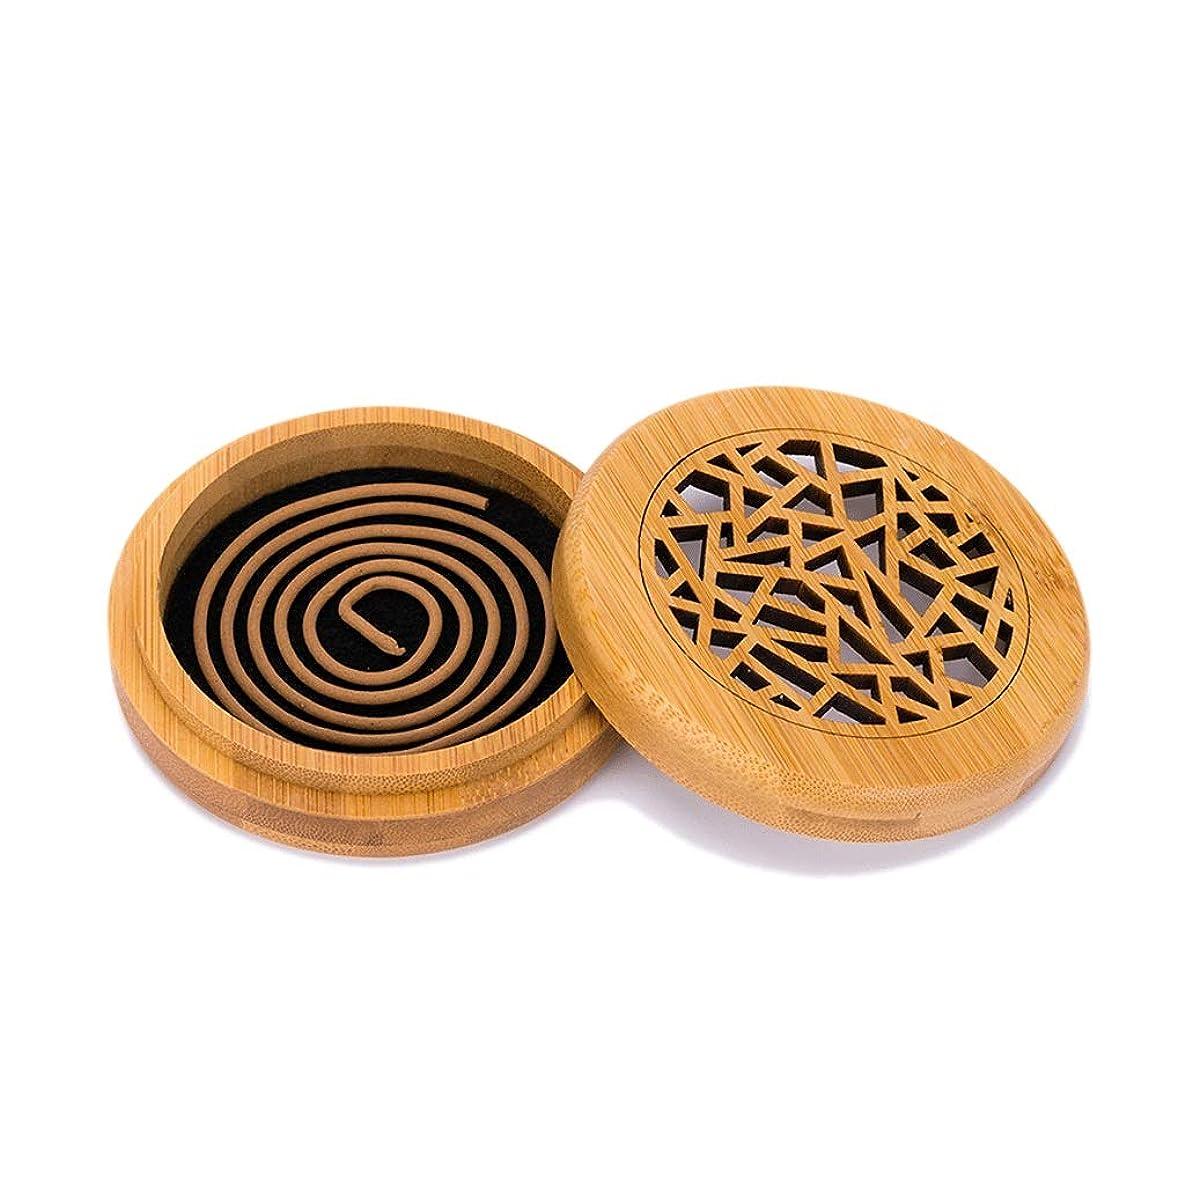 あまりにも黄ばむあえぎ竹の香バーナーコイルの香バーナー部屋の装飾瞑想竹の香り天然素材香ホルダー (Color : WOOD, サイズ : Round)